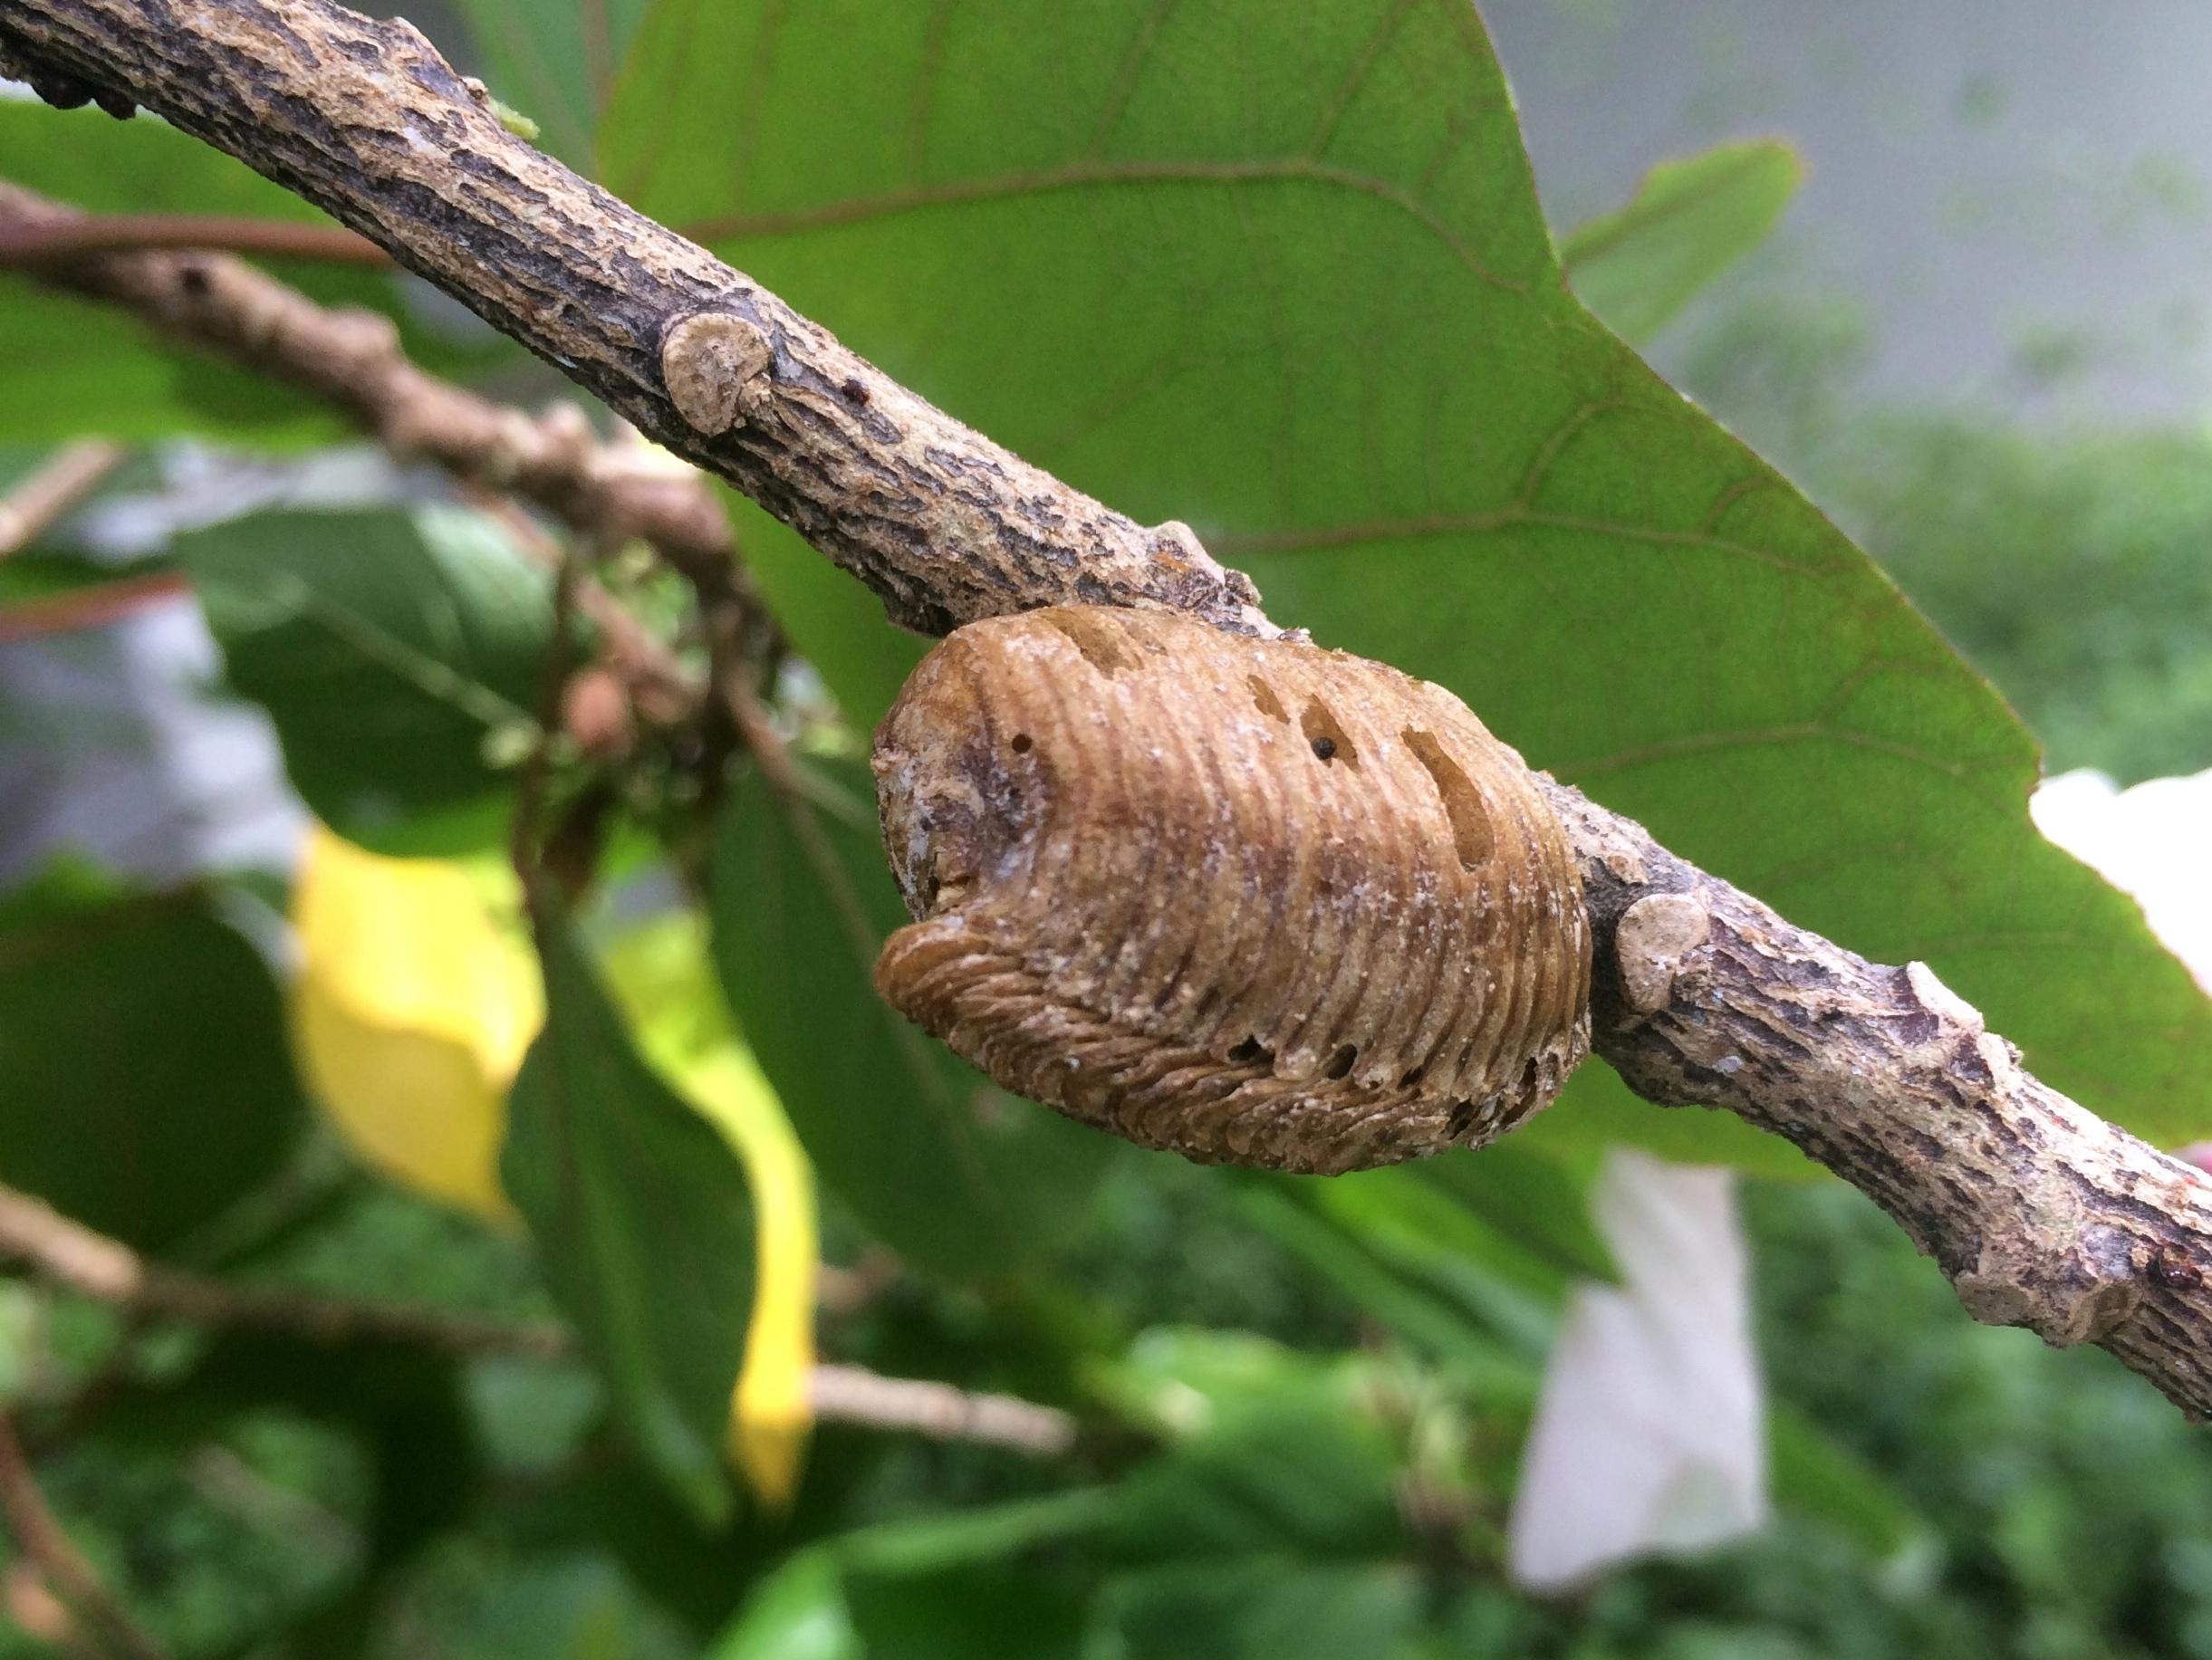 Praying mantis – Pica hudsonia